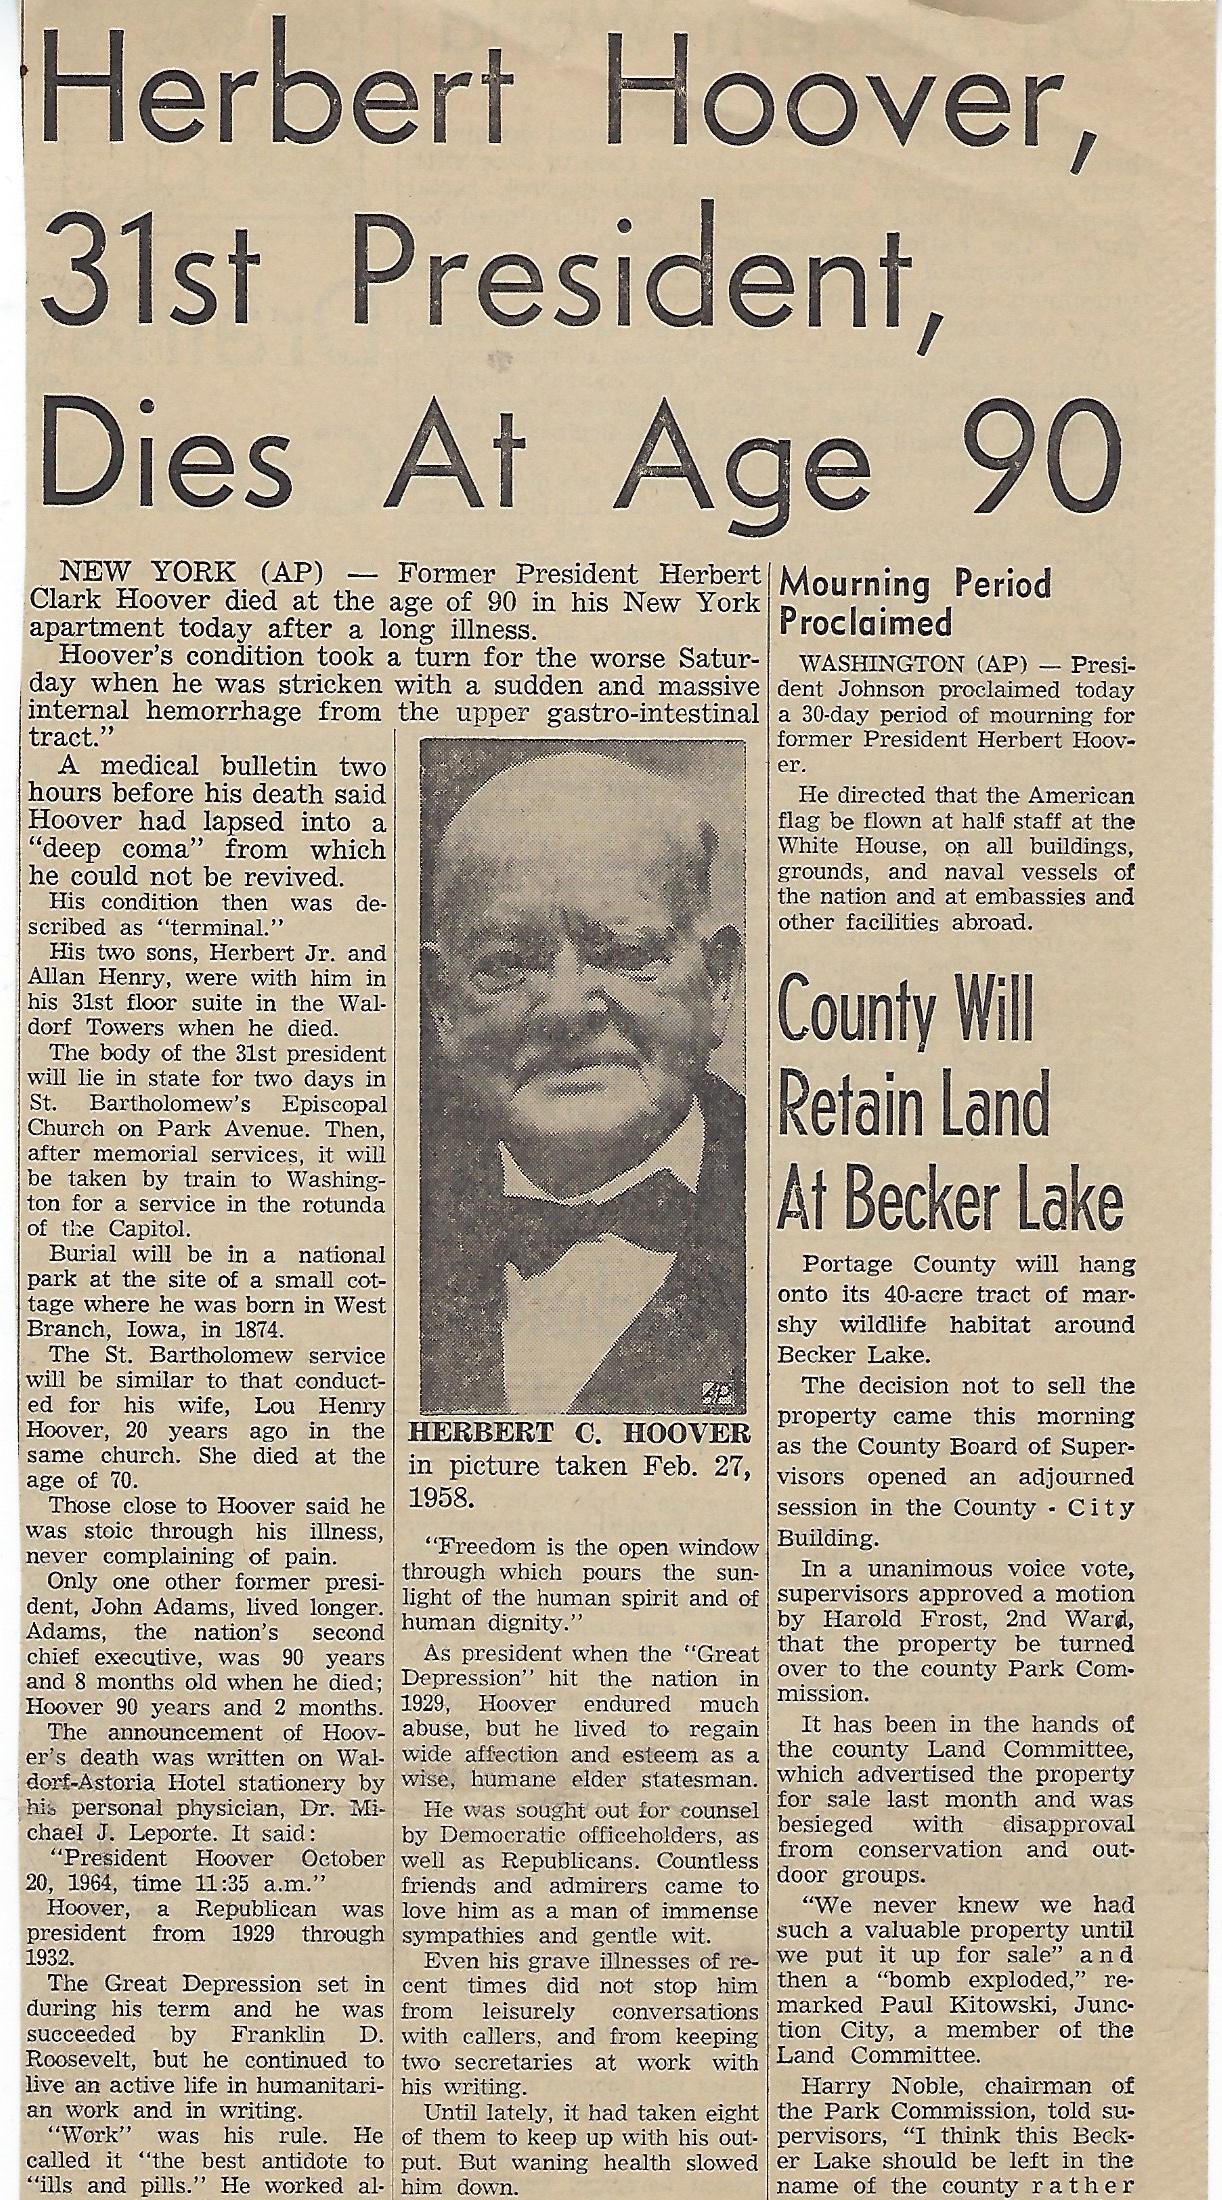 Hoover Dies